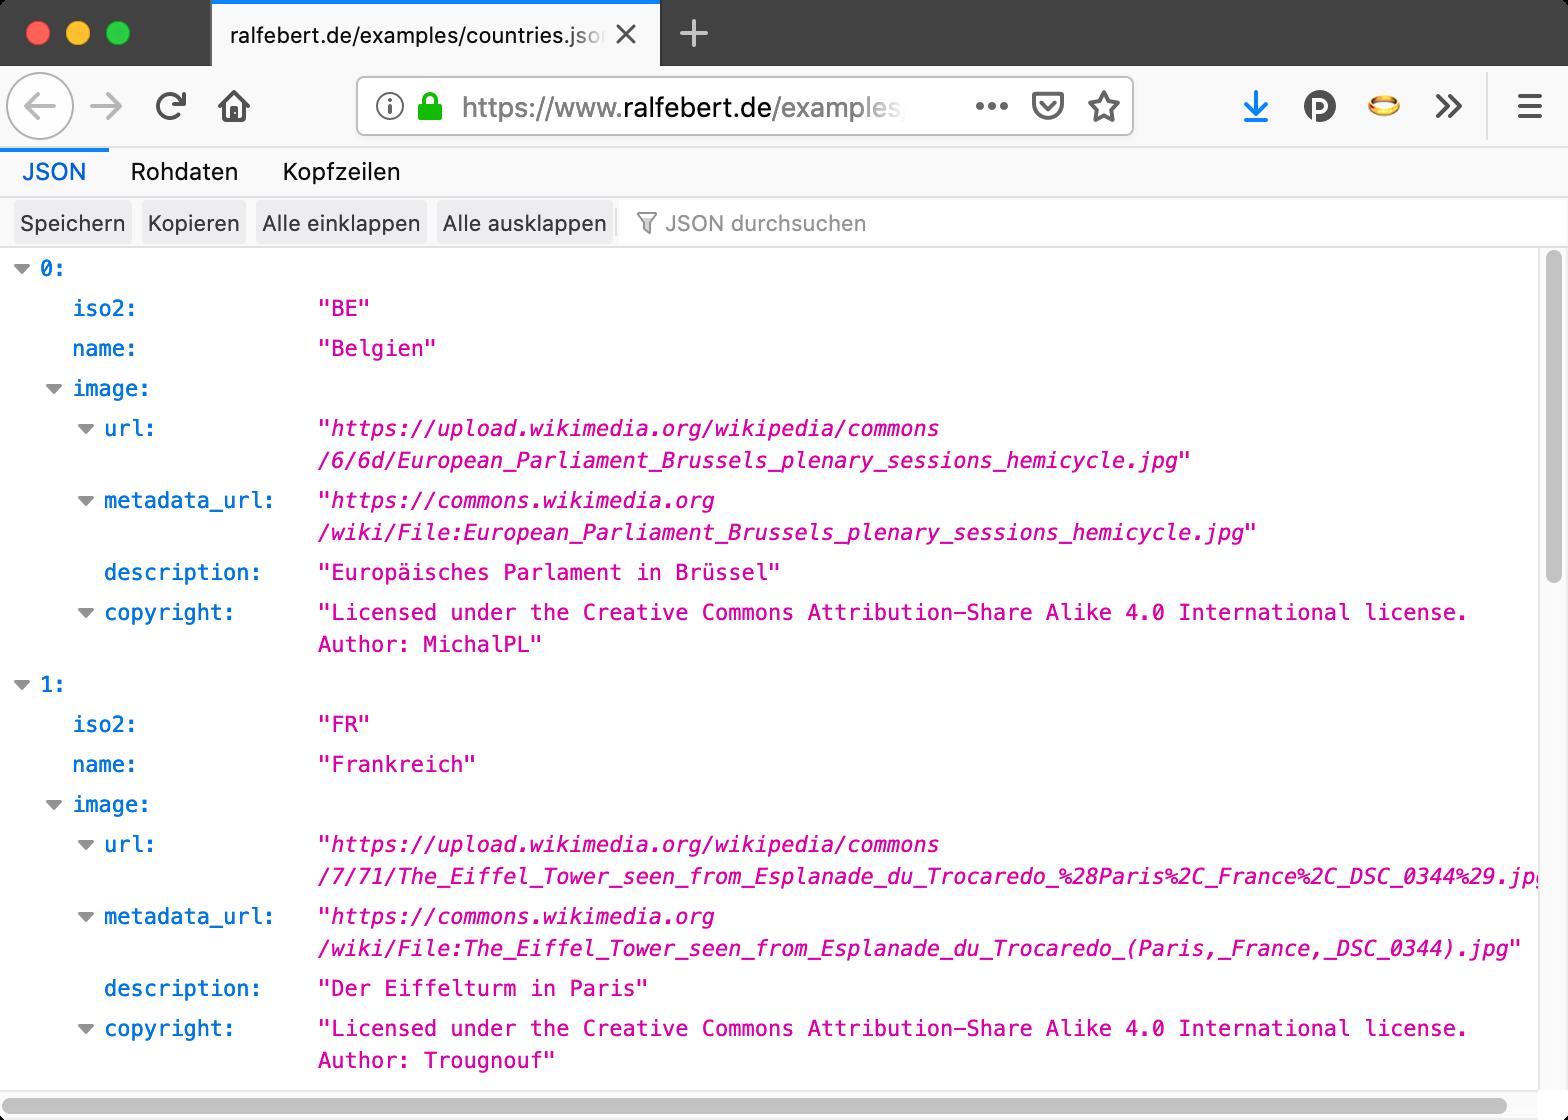 Anzeige der JSON-Beispieldaten im Browser